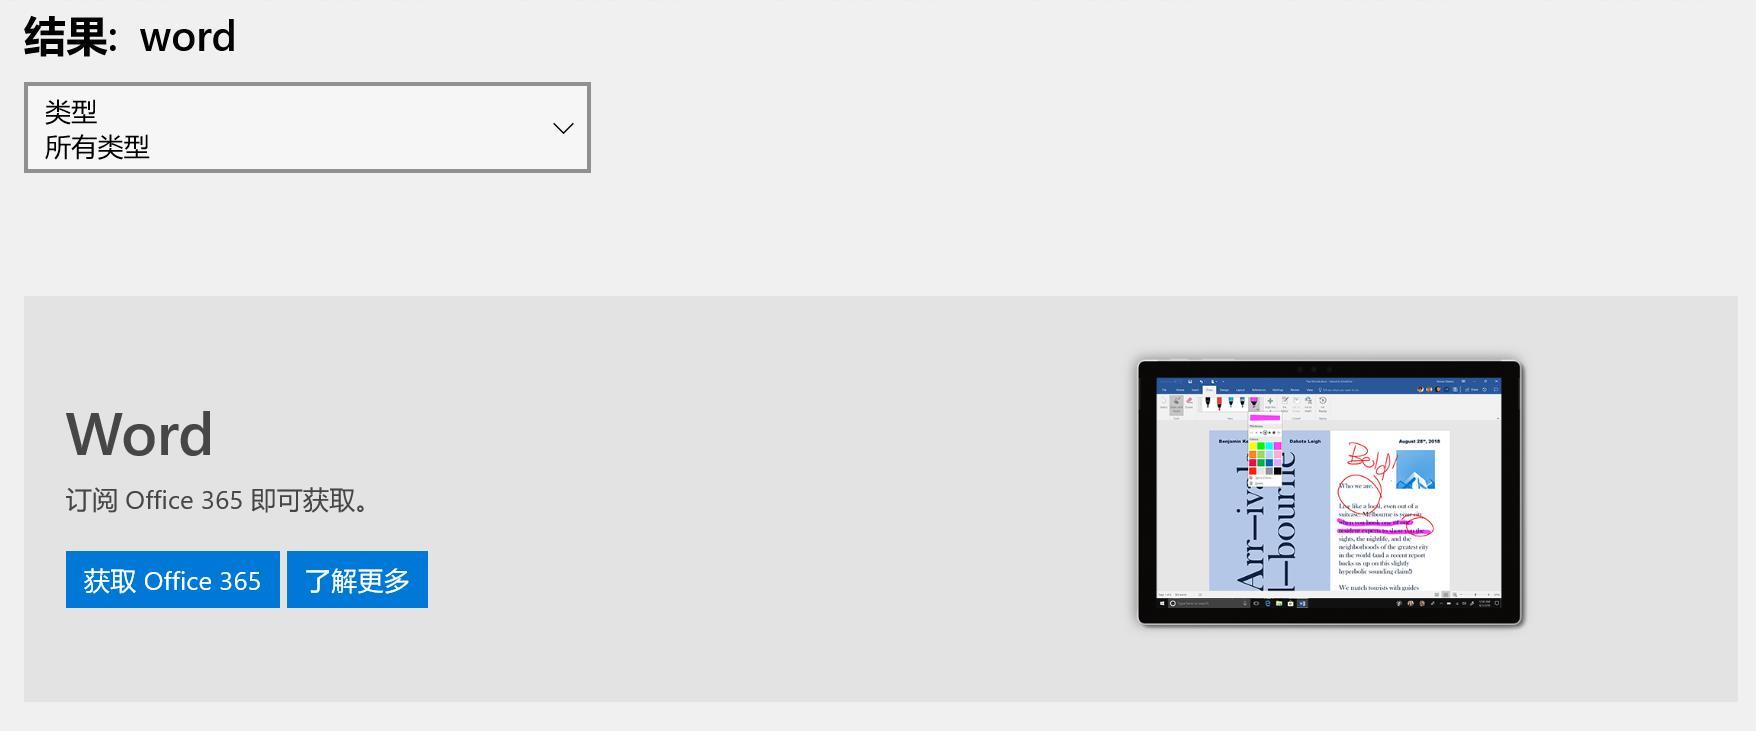 曲终人散?UWP版Office三件套无法安装,原为WP打造